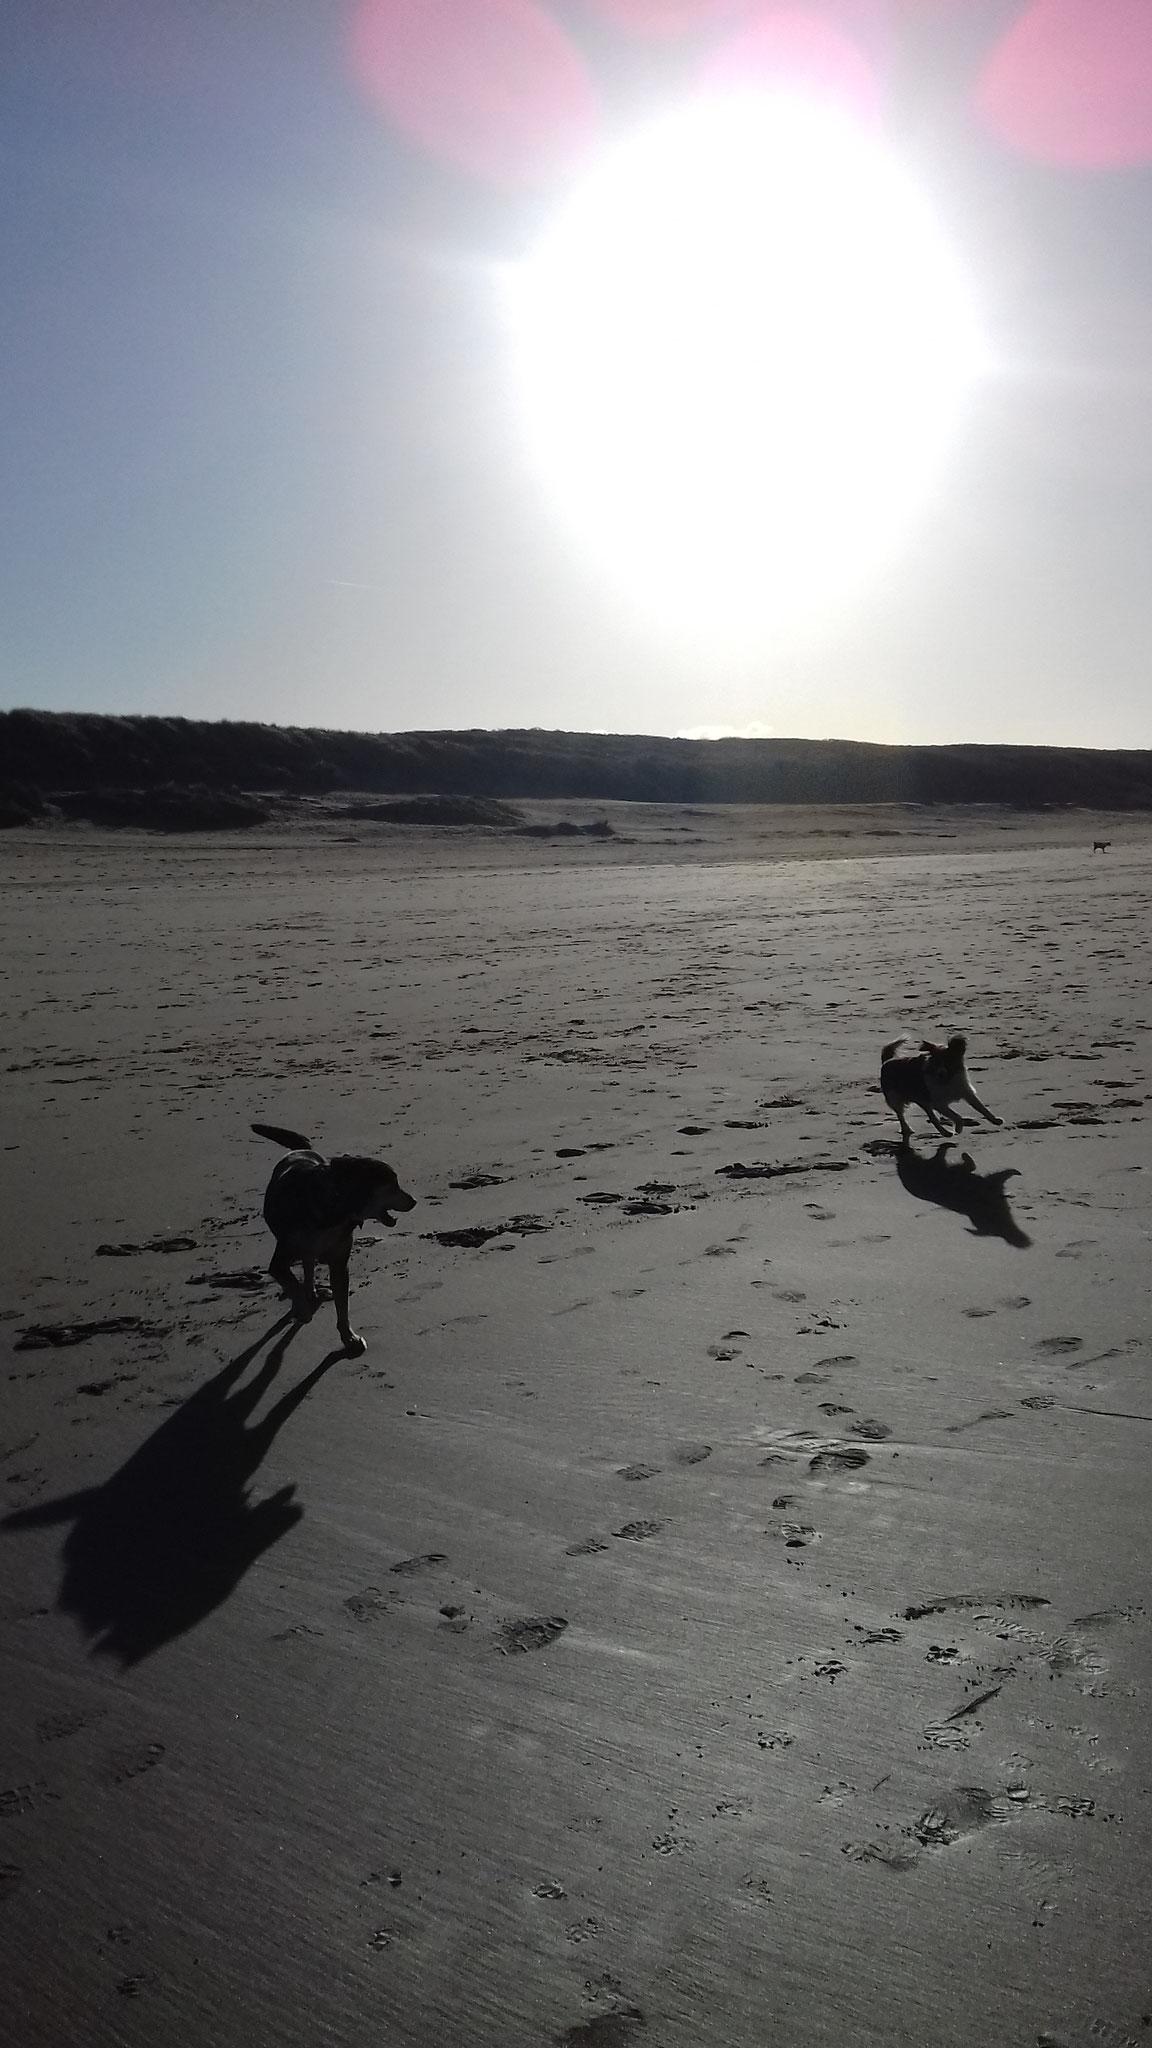 Astor op het strand - Januari